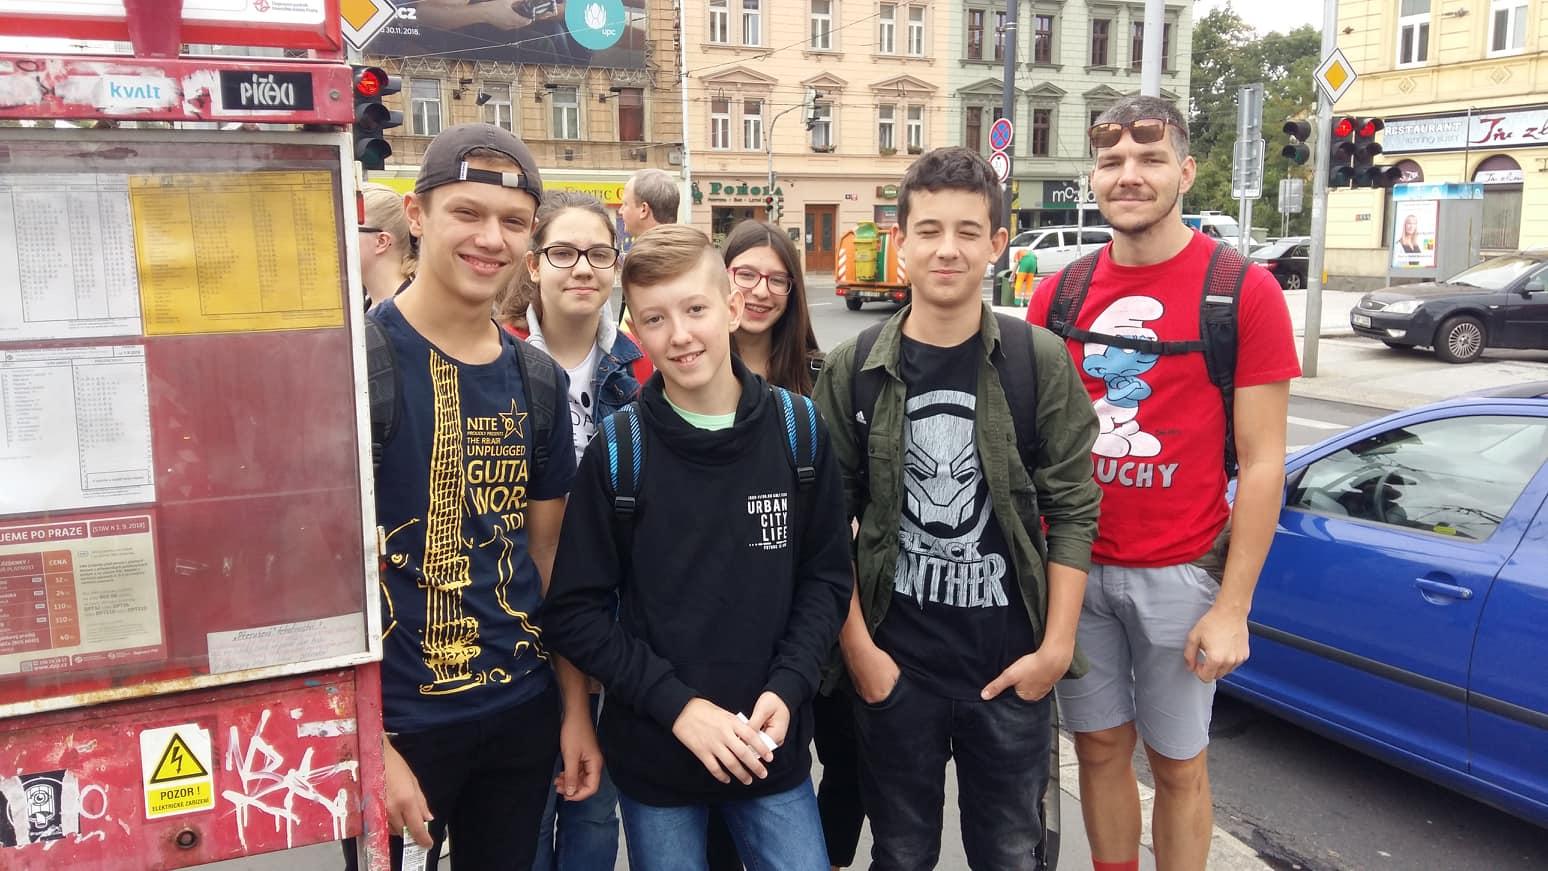 Konfirmandus-találkozó Prága 2018